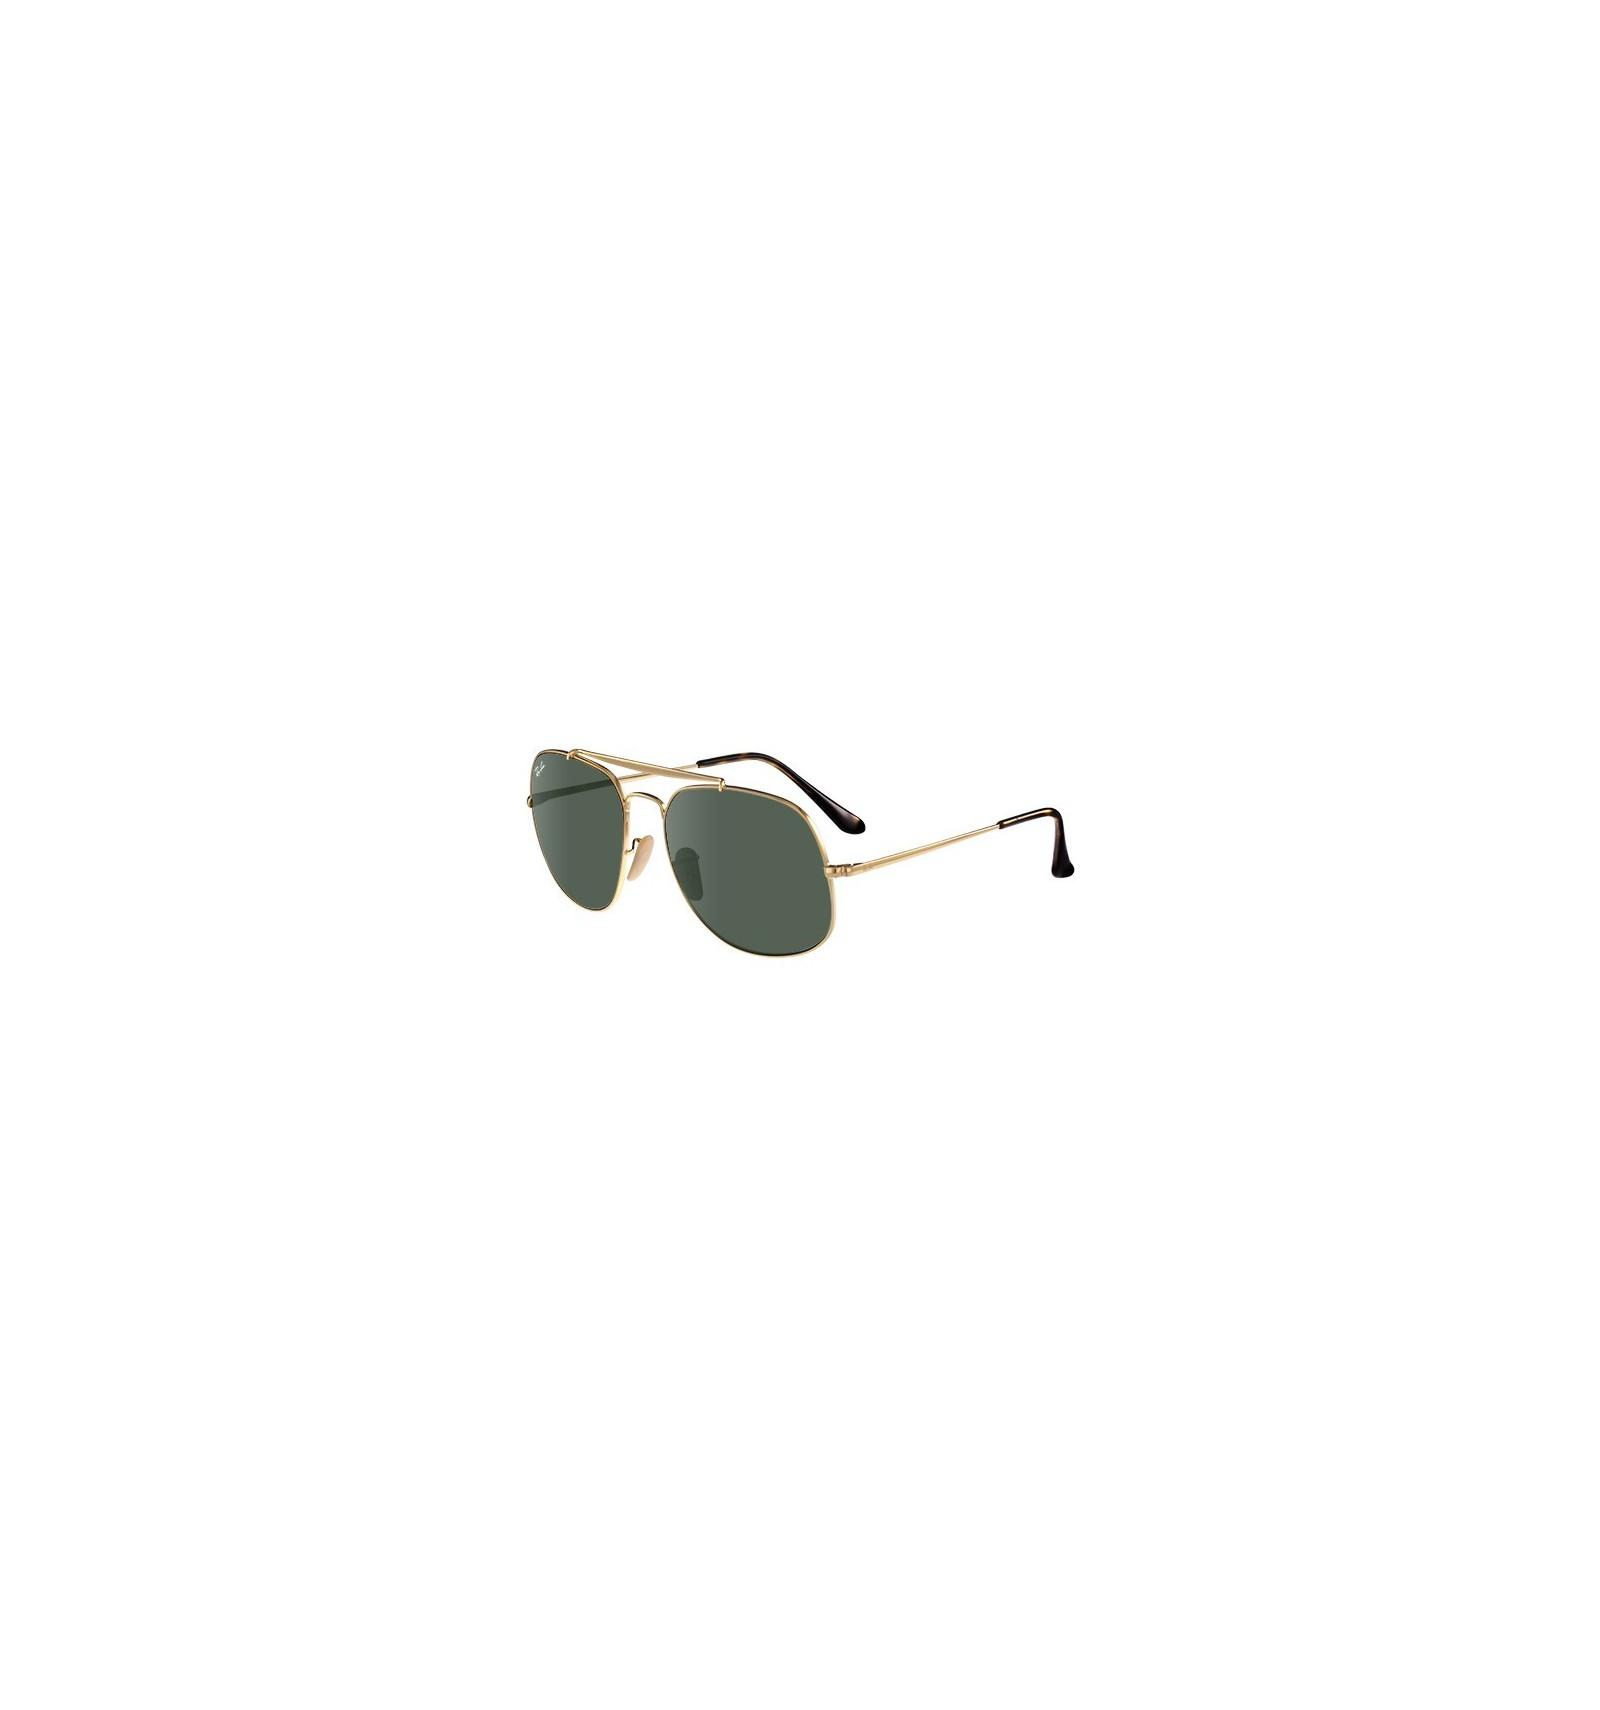 Gafas de sol RAY BAN RB3561 General Gold - Classic Green 9d030b86ed